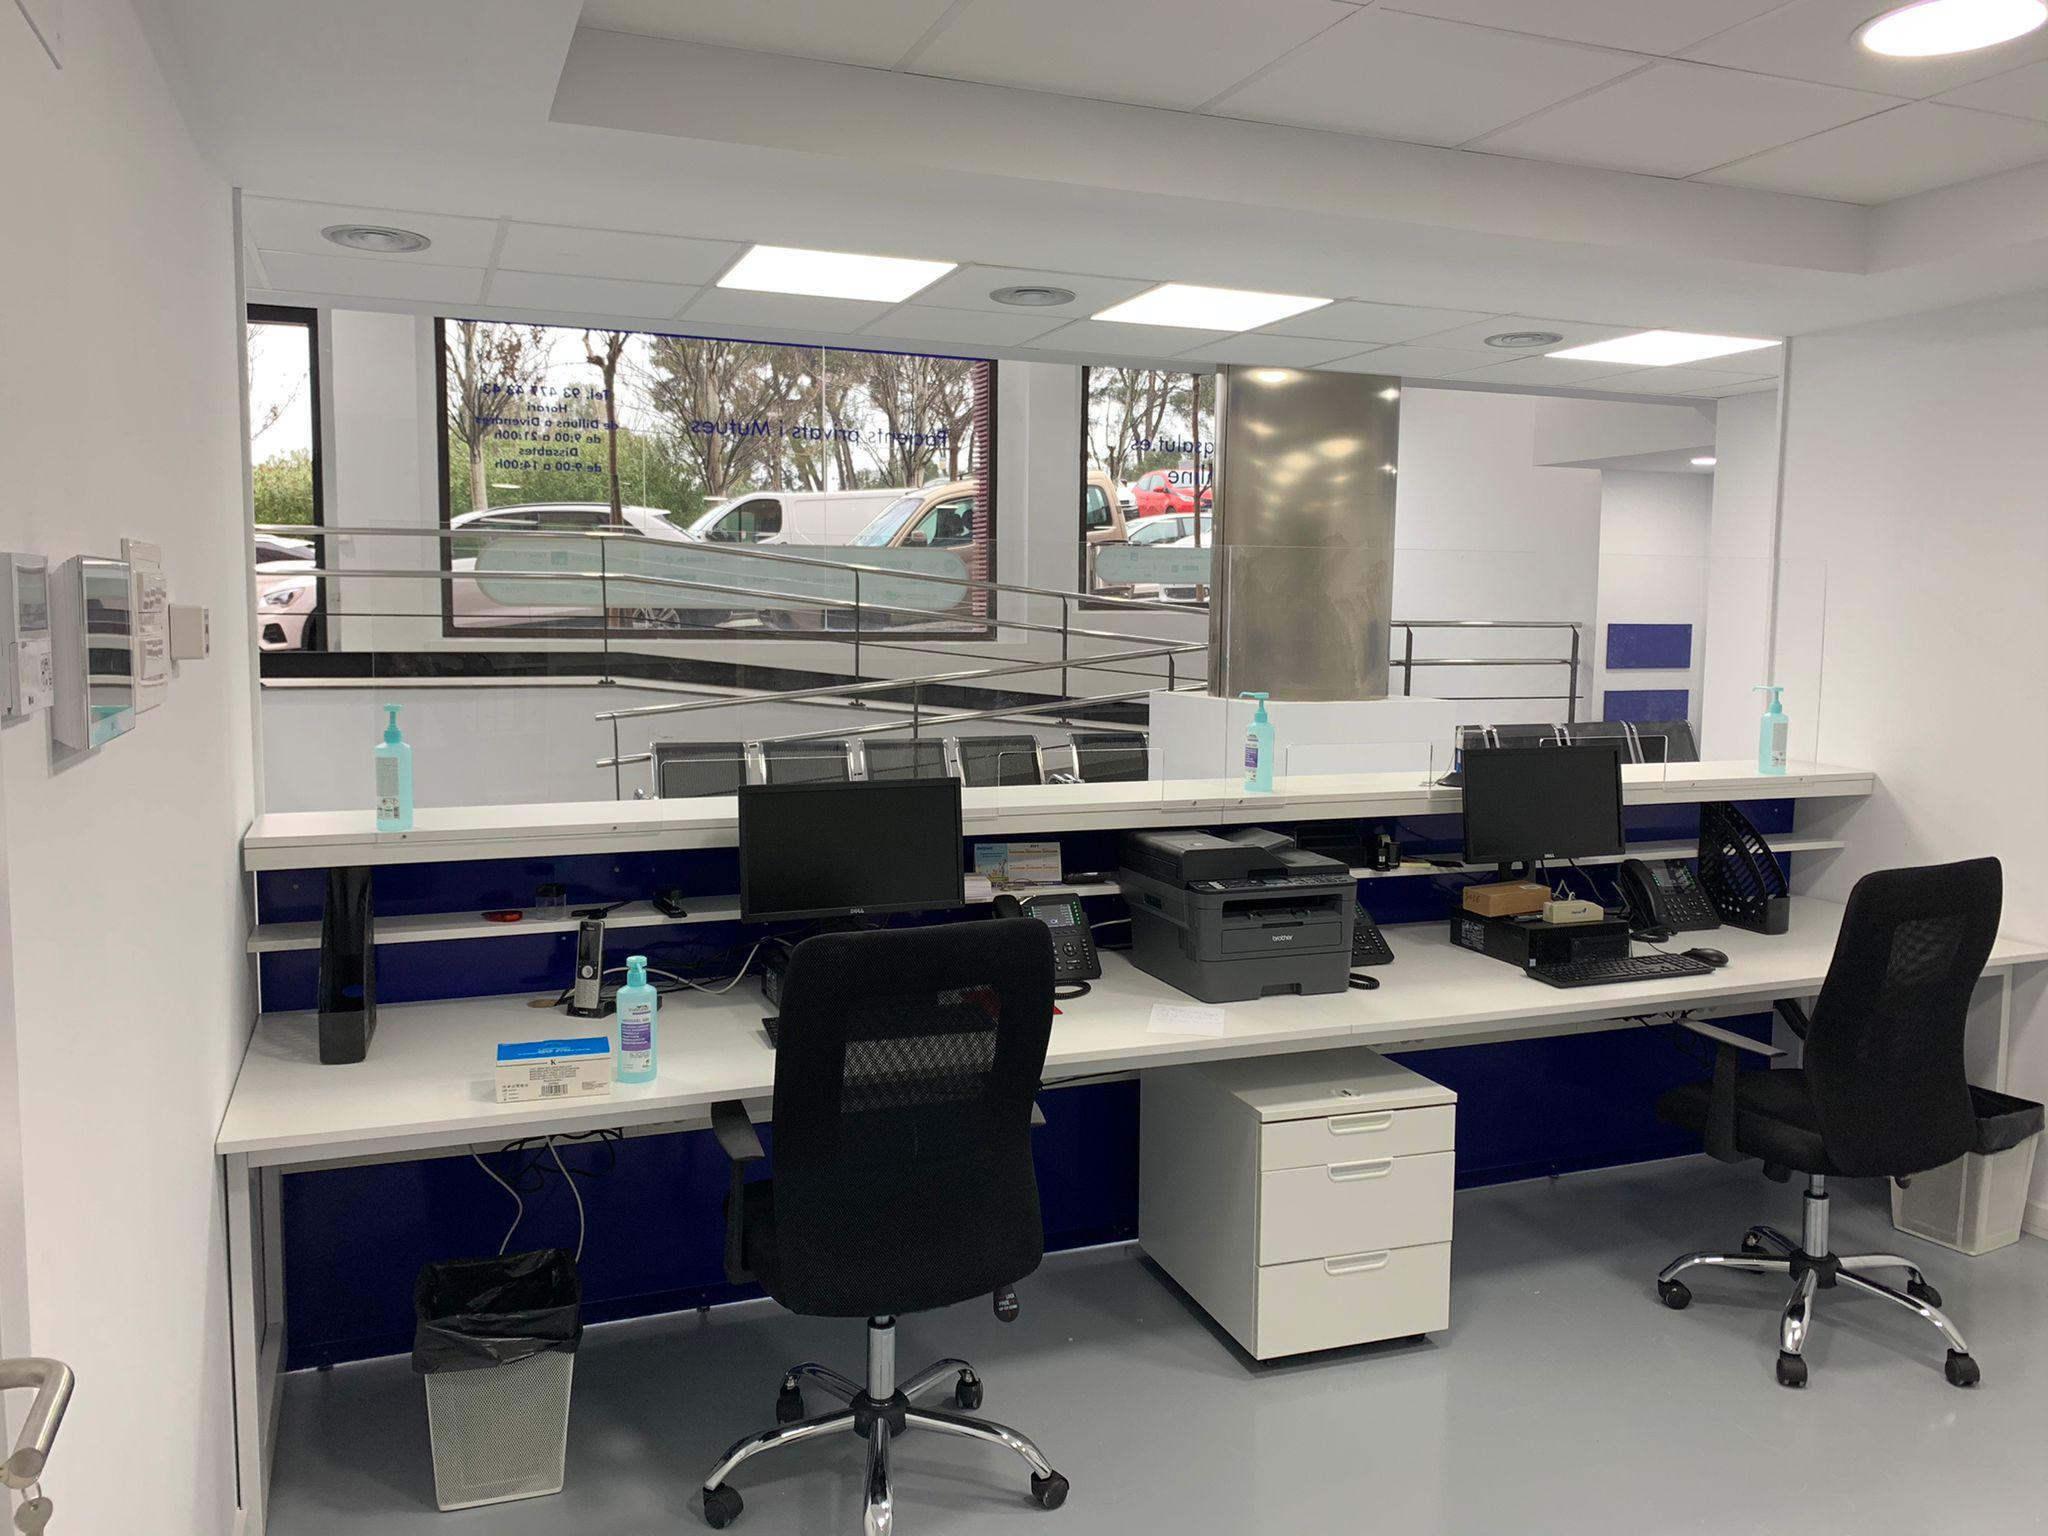 Centro médico Sant Joan Despí recepción 4